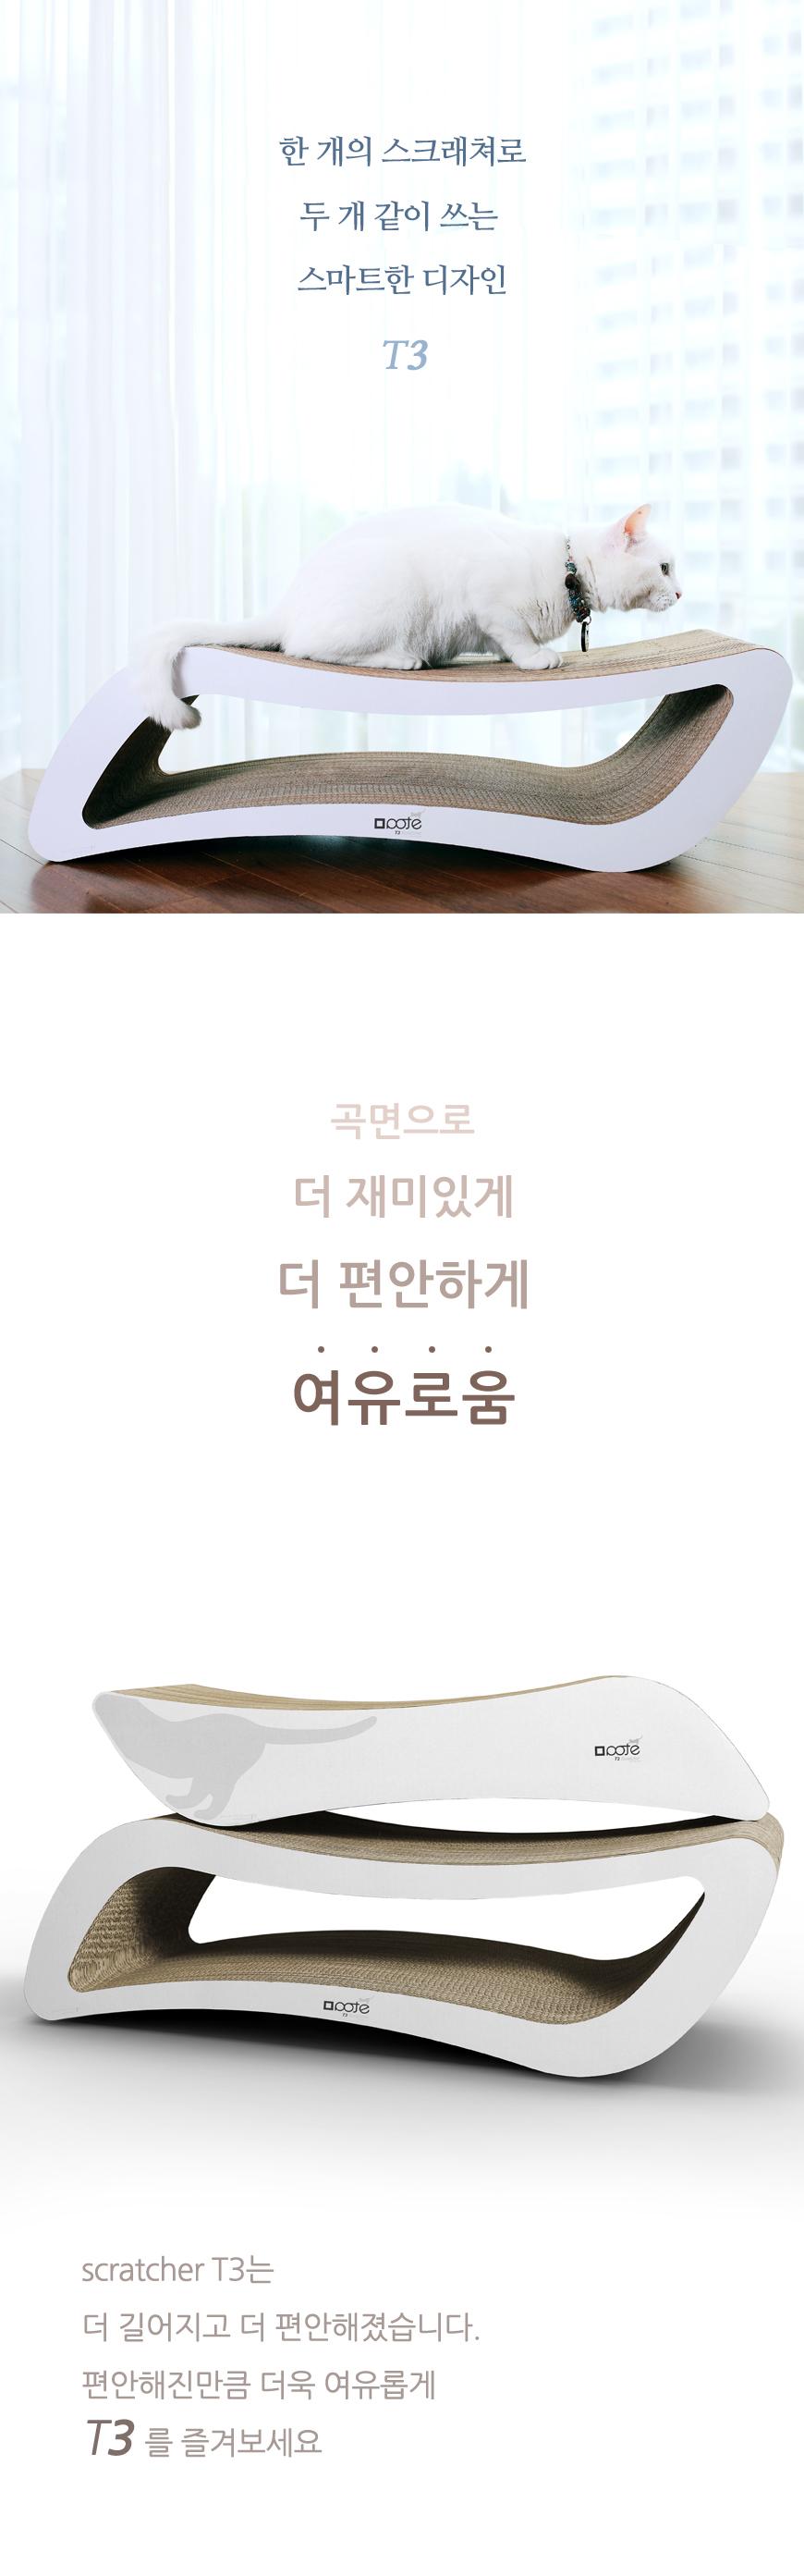 고양이 스크래쳐_T3 - 뽀떼, 34,000원, 장난감/스크래쳐, 스크래쳐